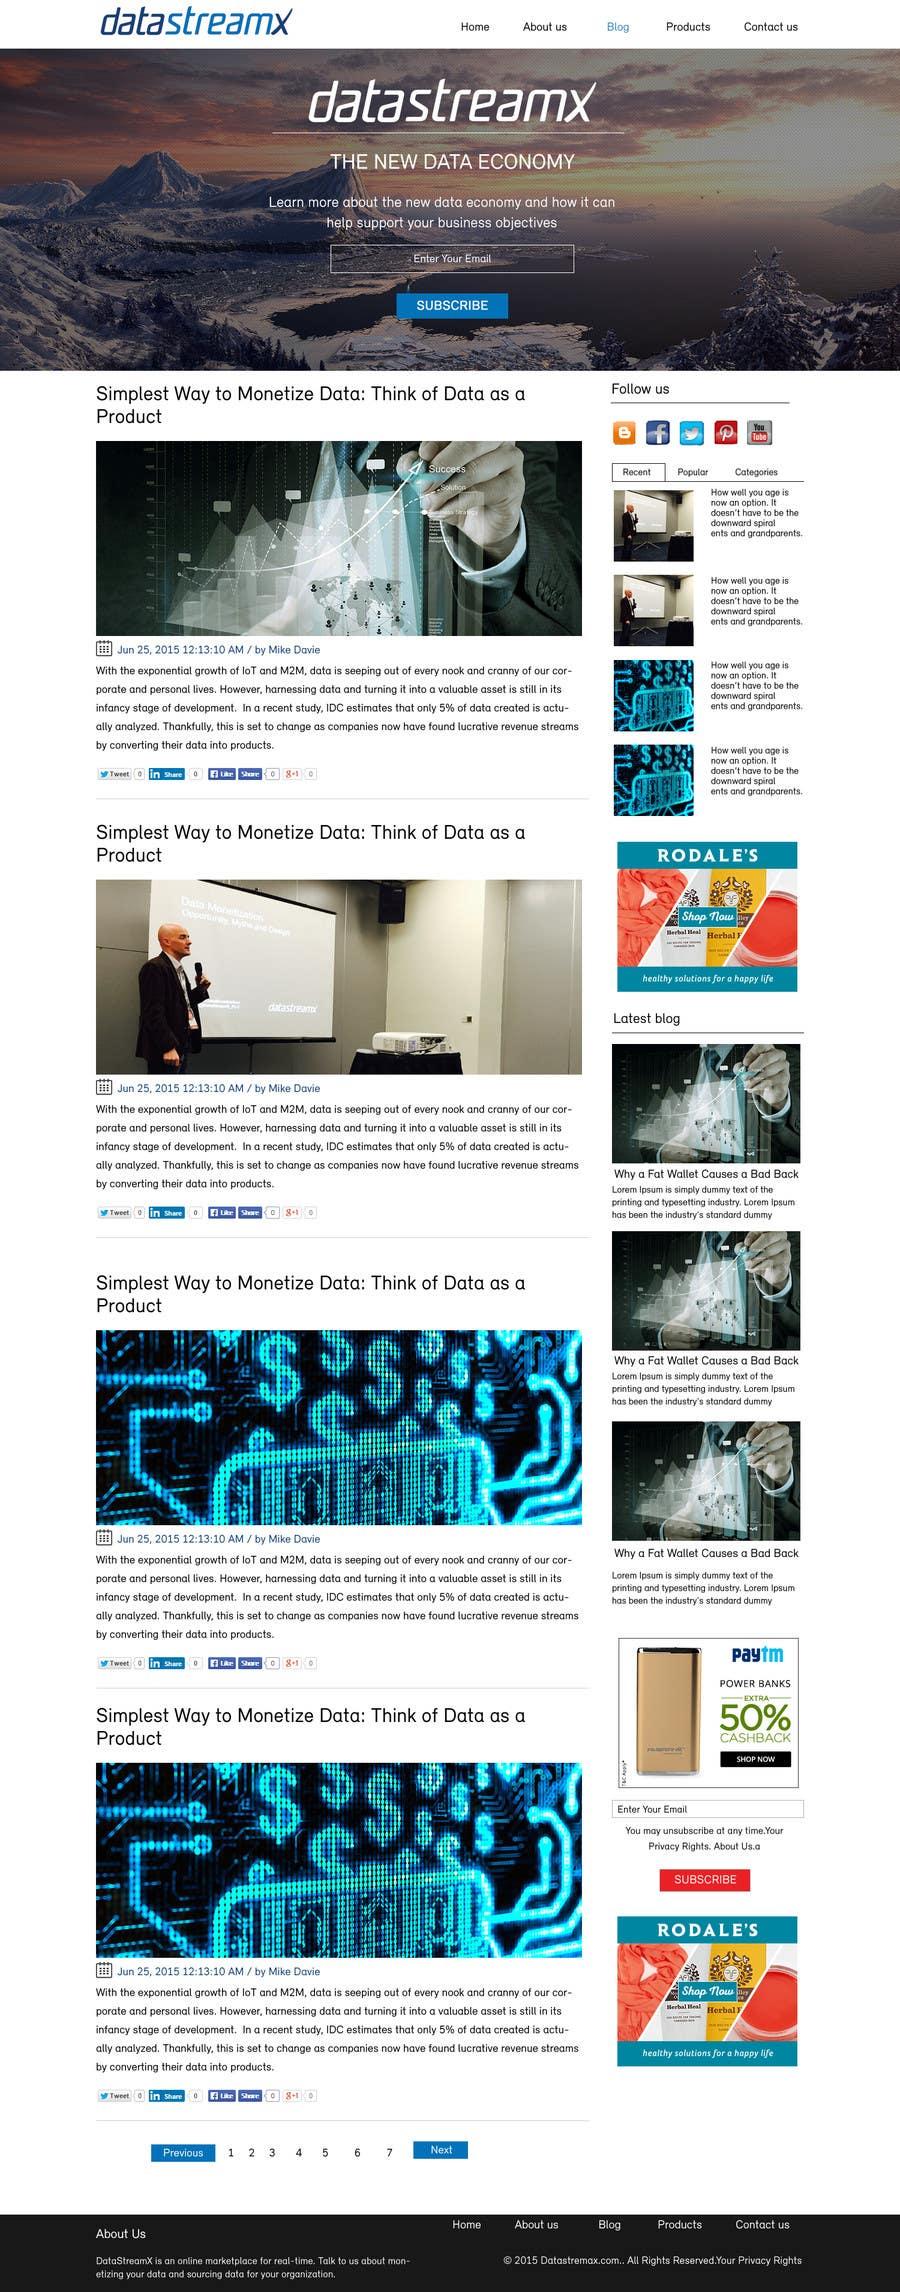 Penyertaan Peraduan #1 untuk Design a Website Mockup for Blog & Landing Page Template